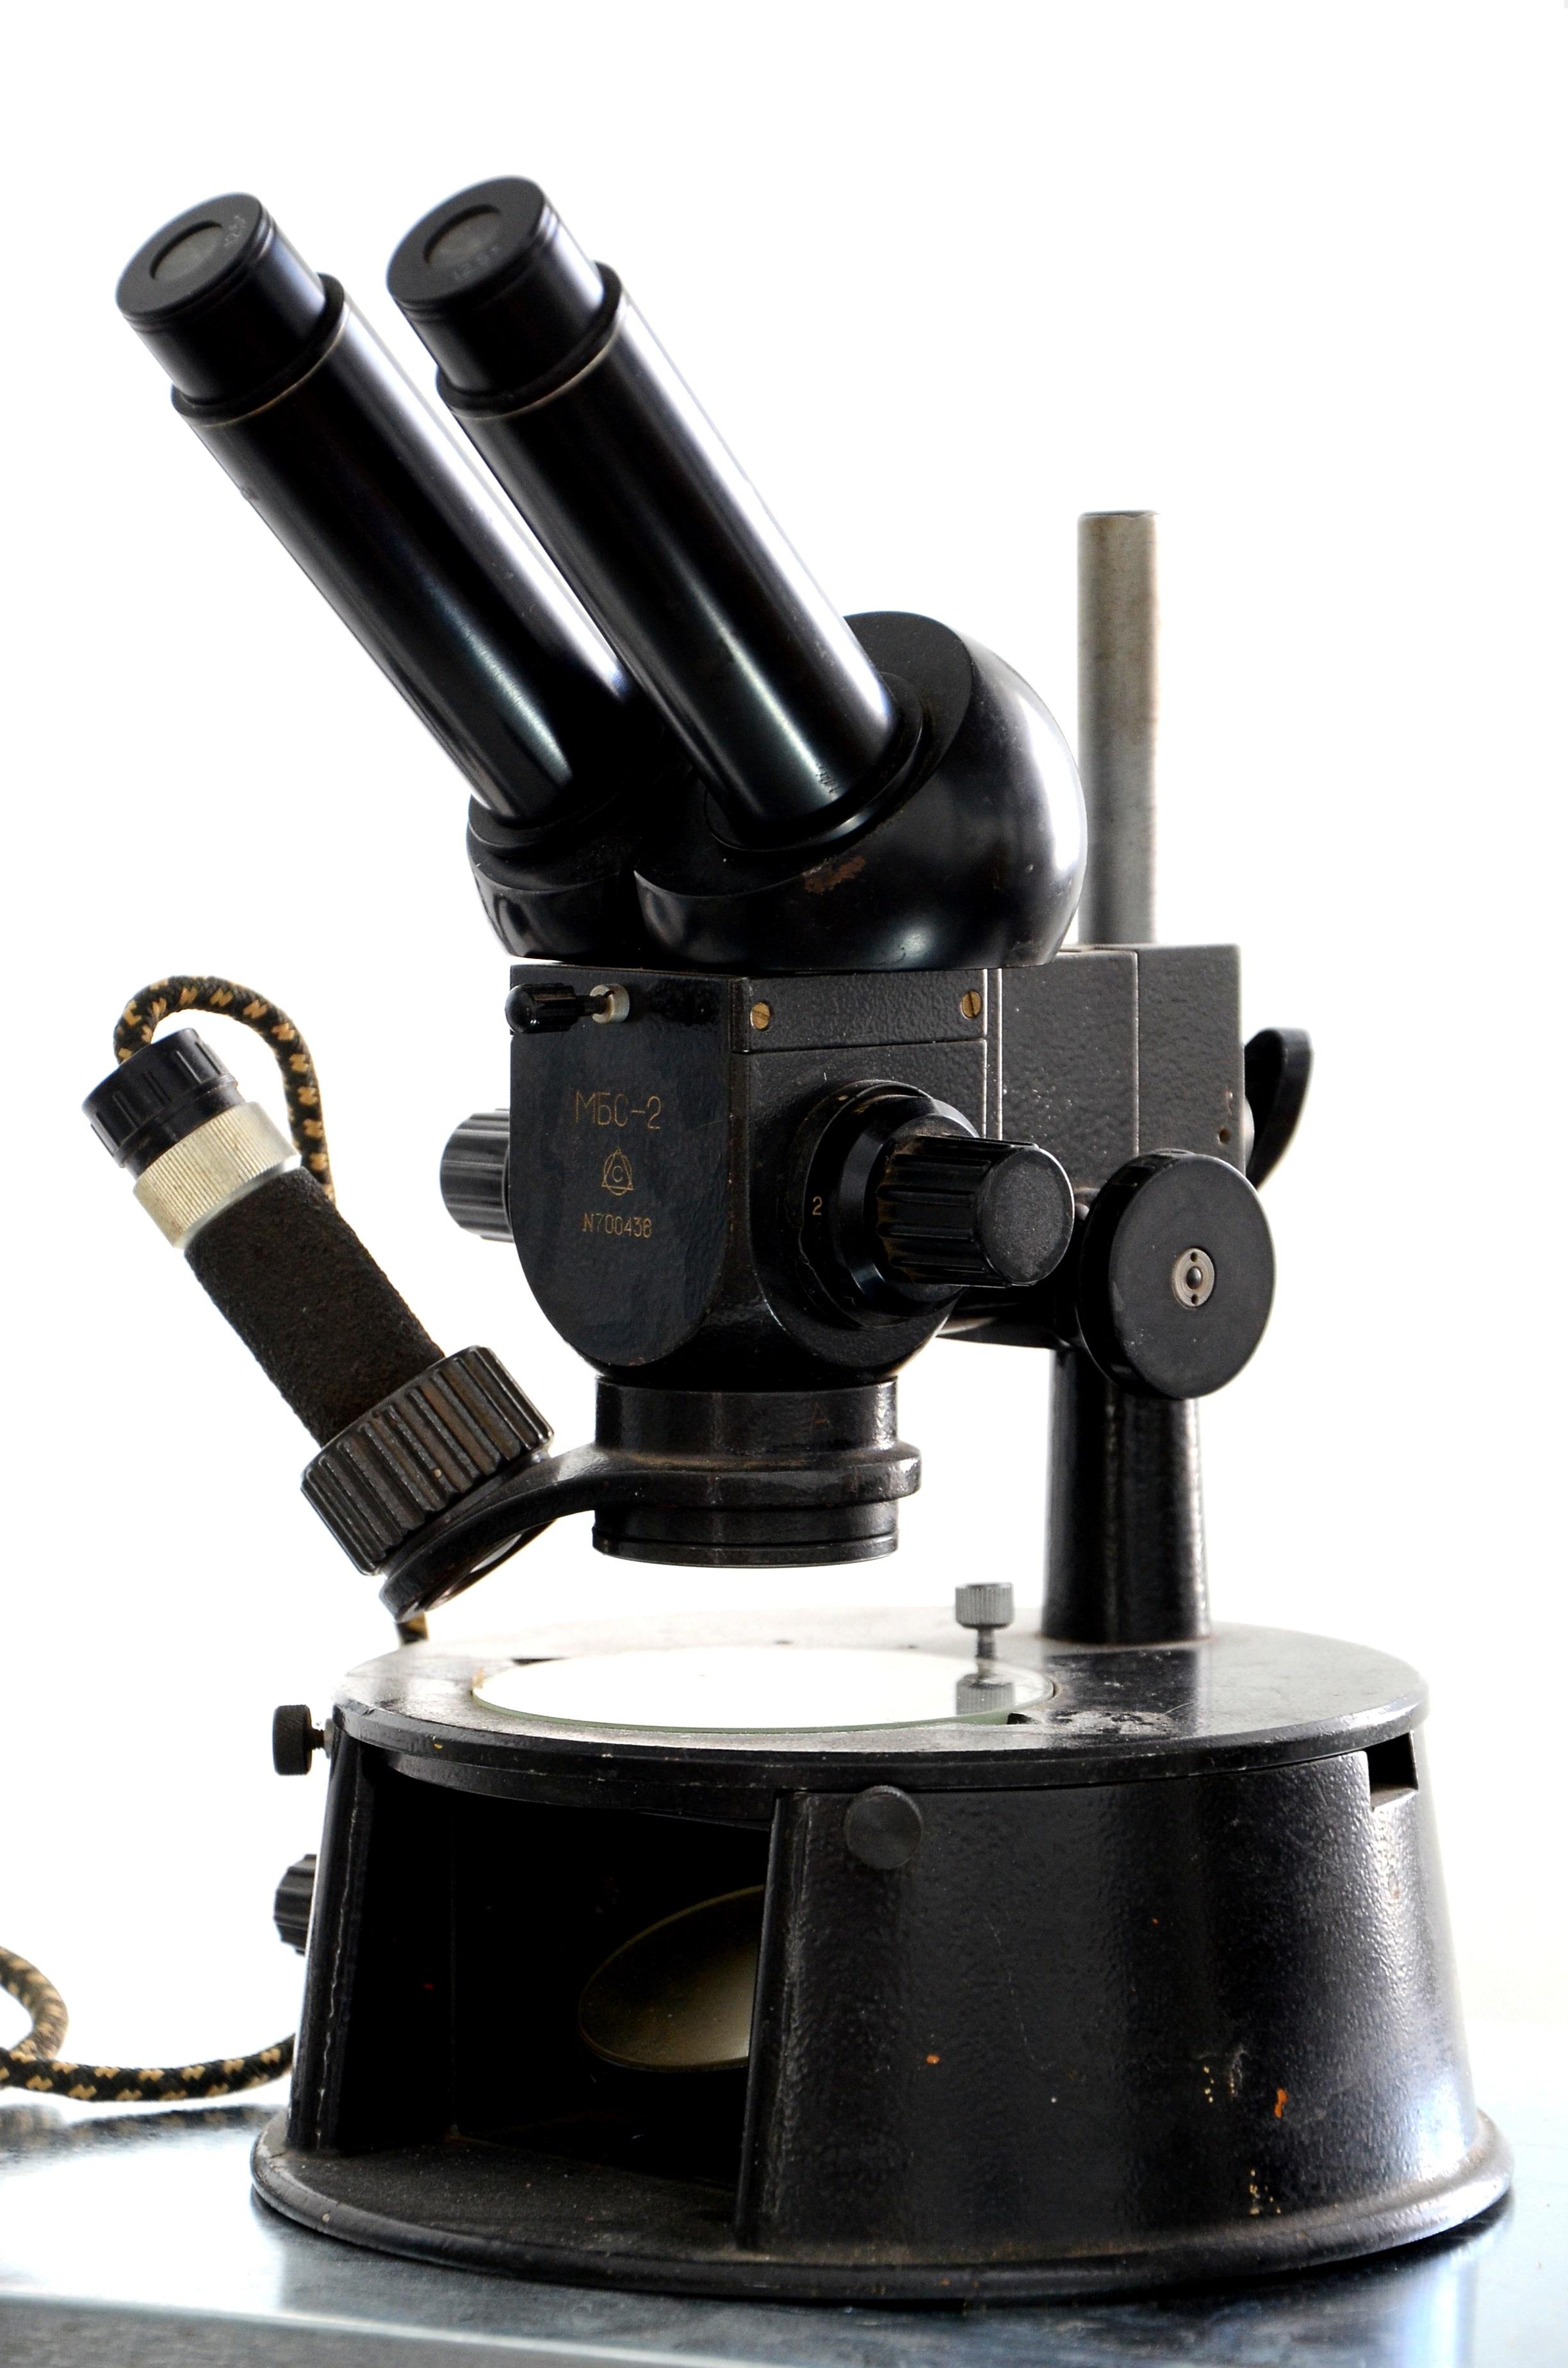 микроскоп мбс-2 фото